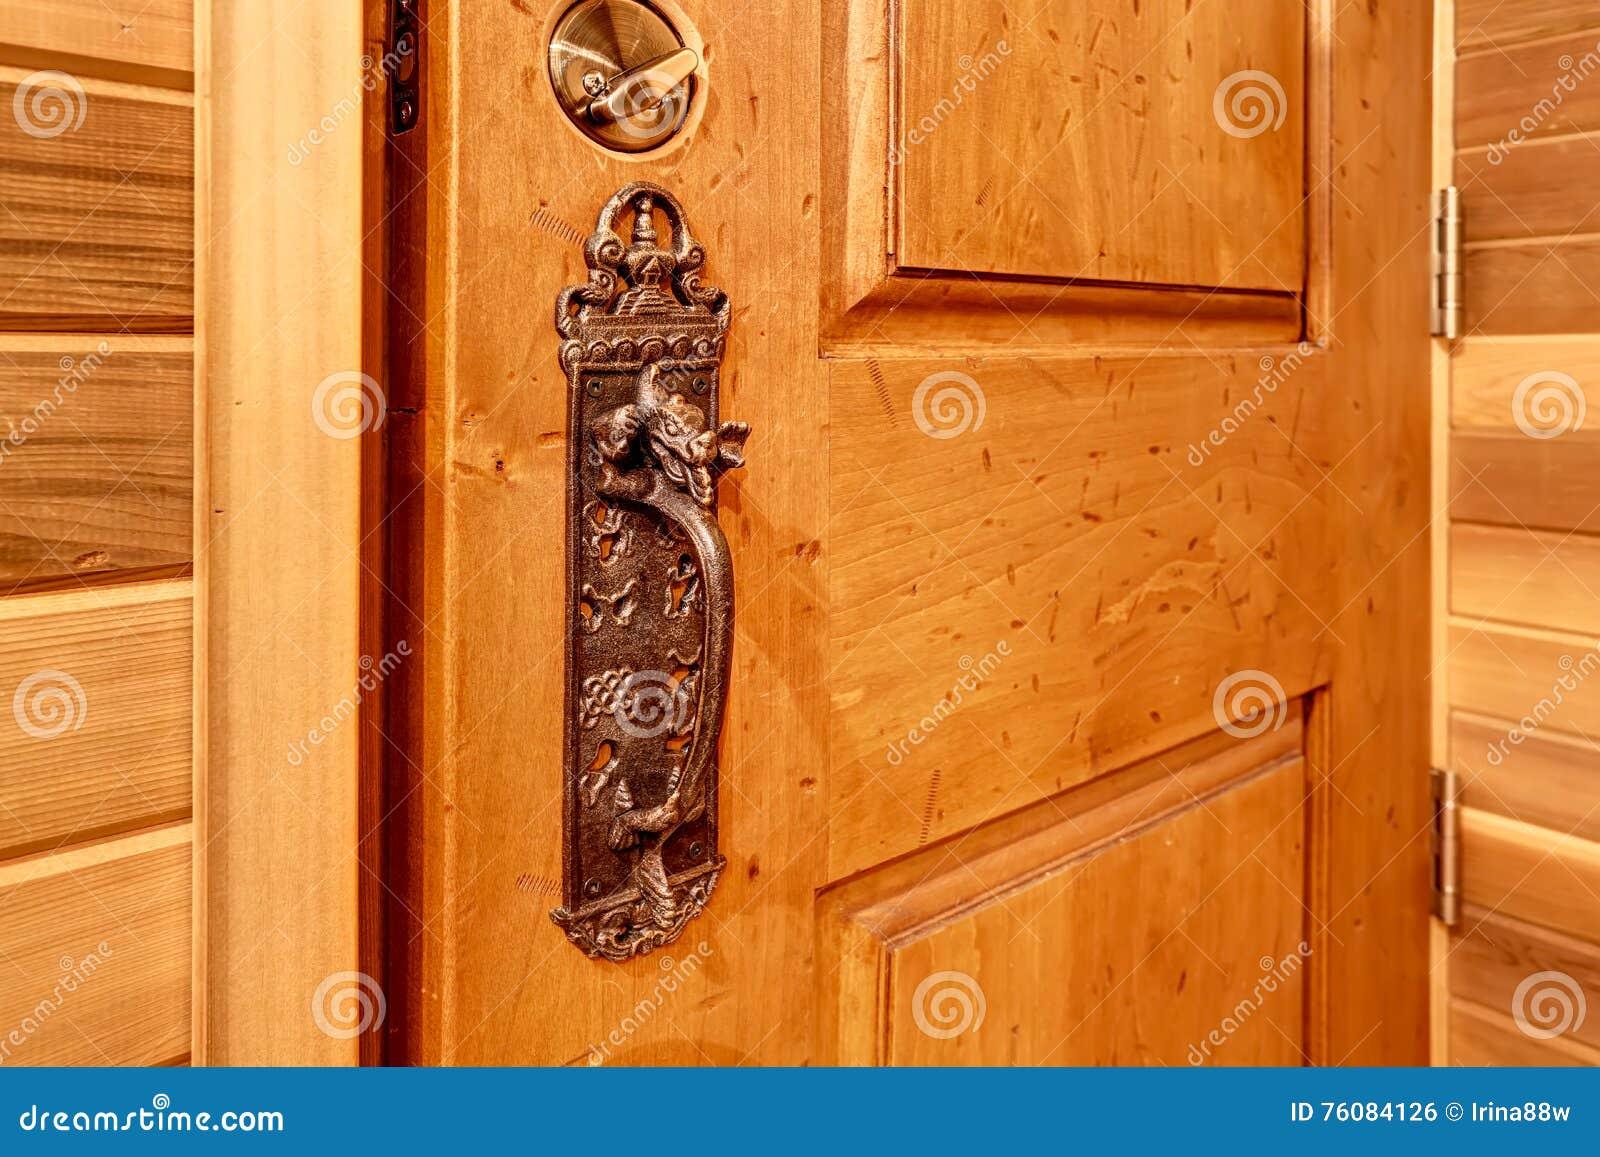 La vieille porte de serrure principale antique connaissent des détails